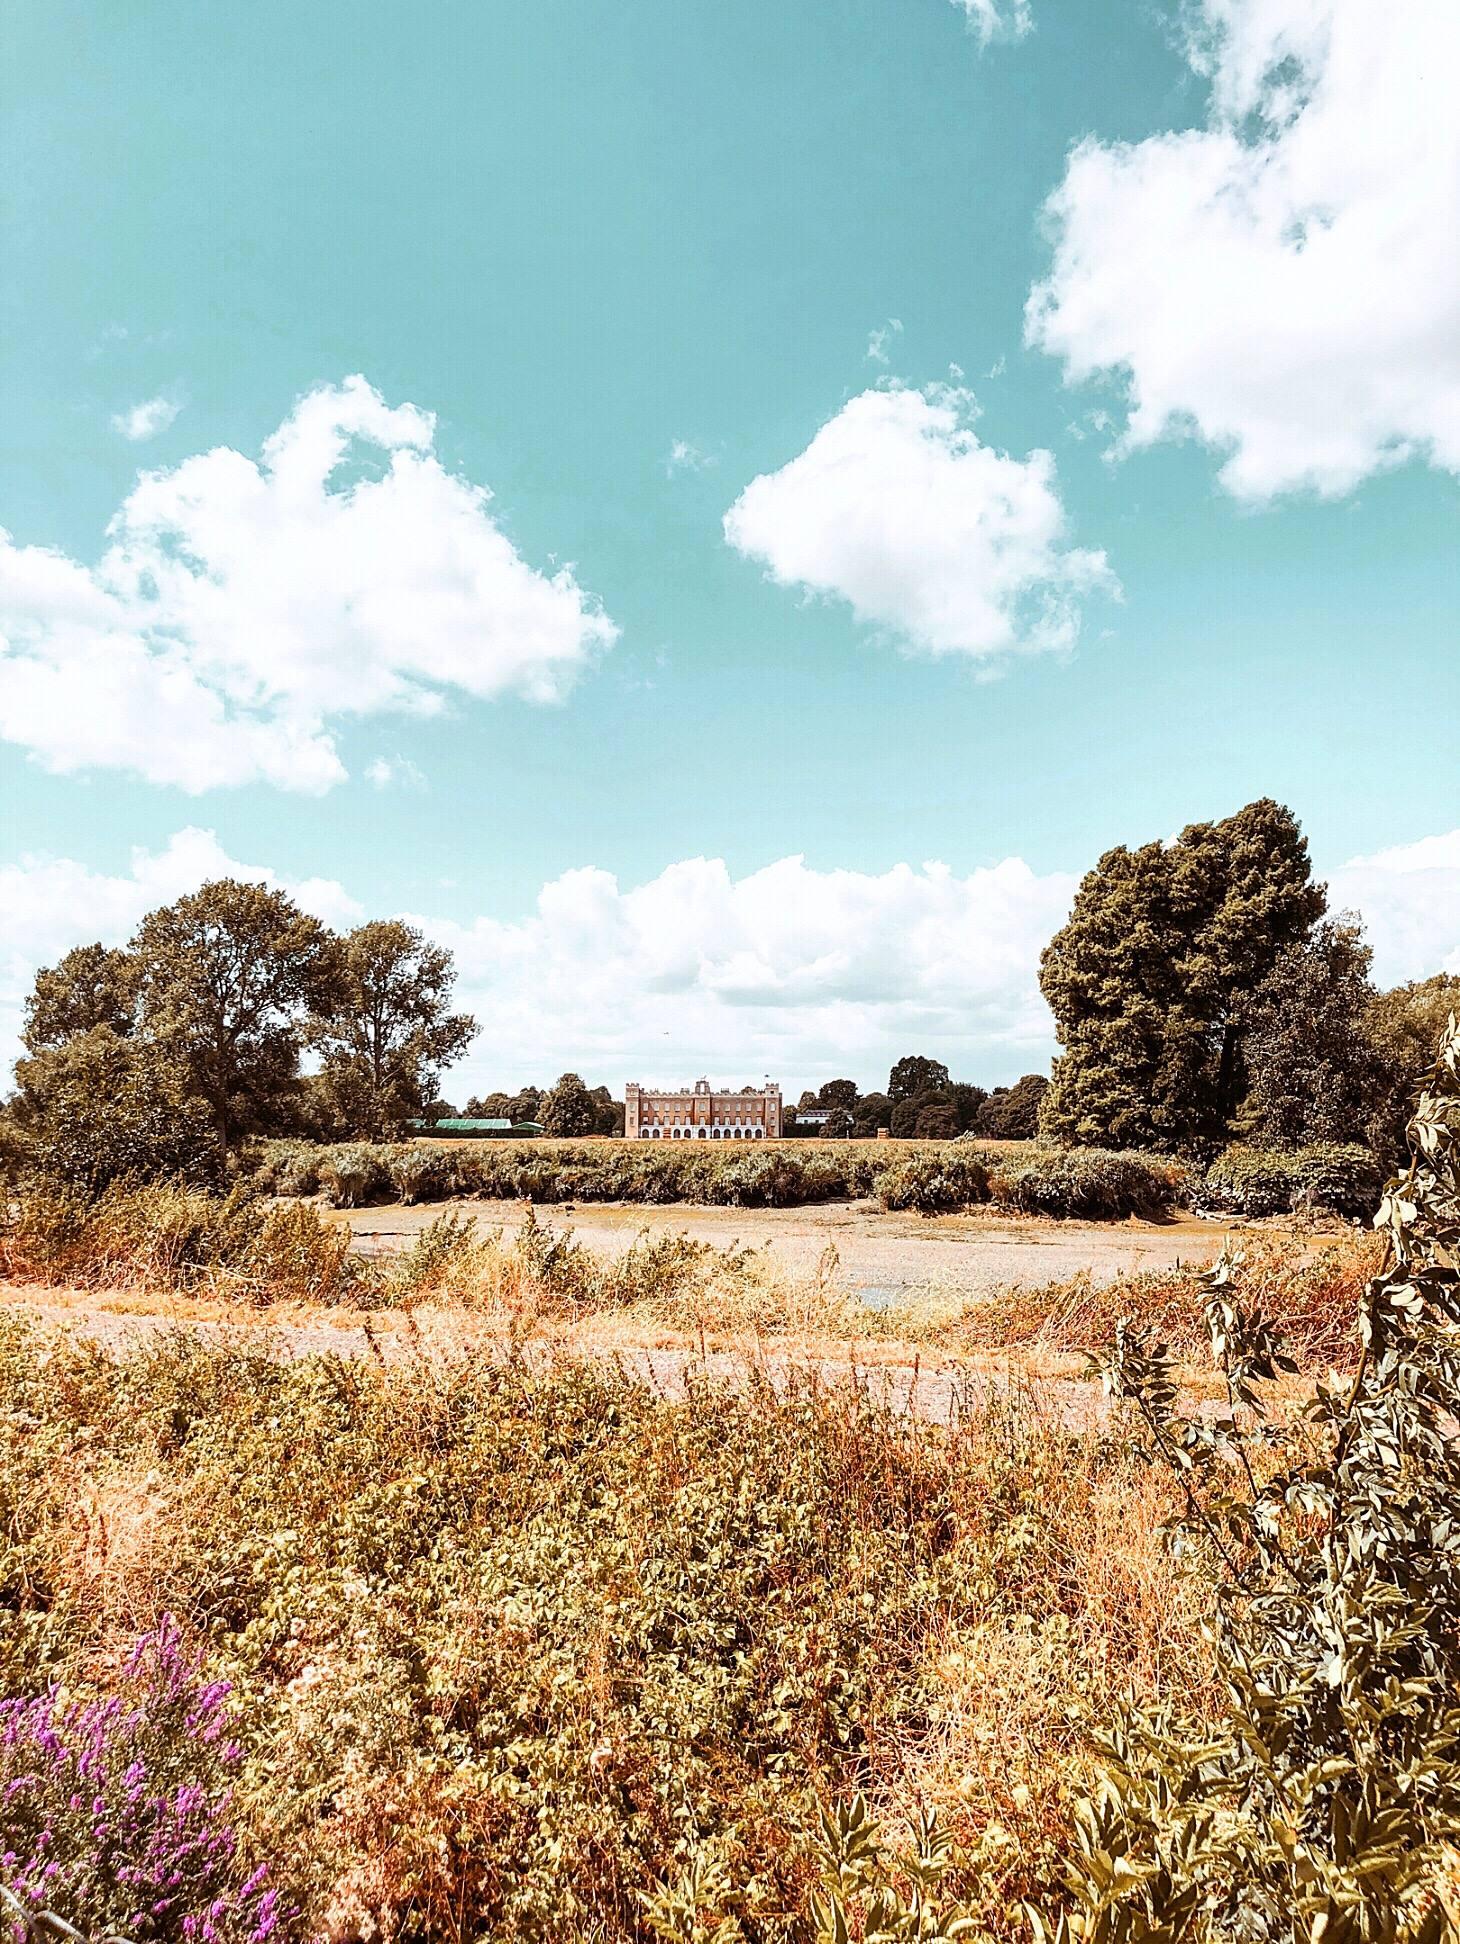 kew gardens river thames